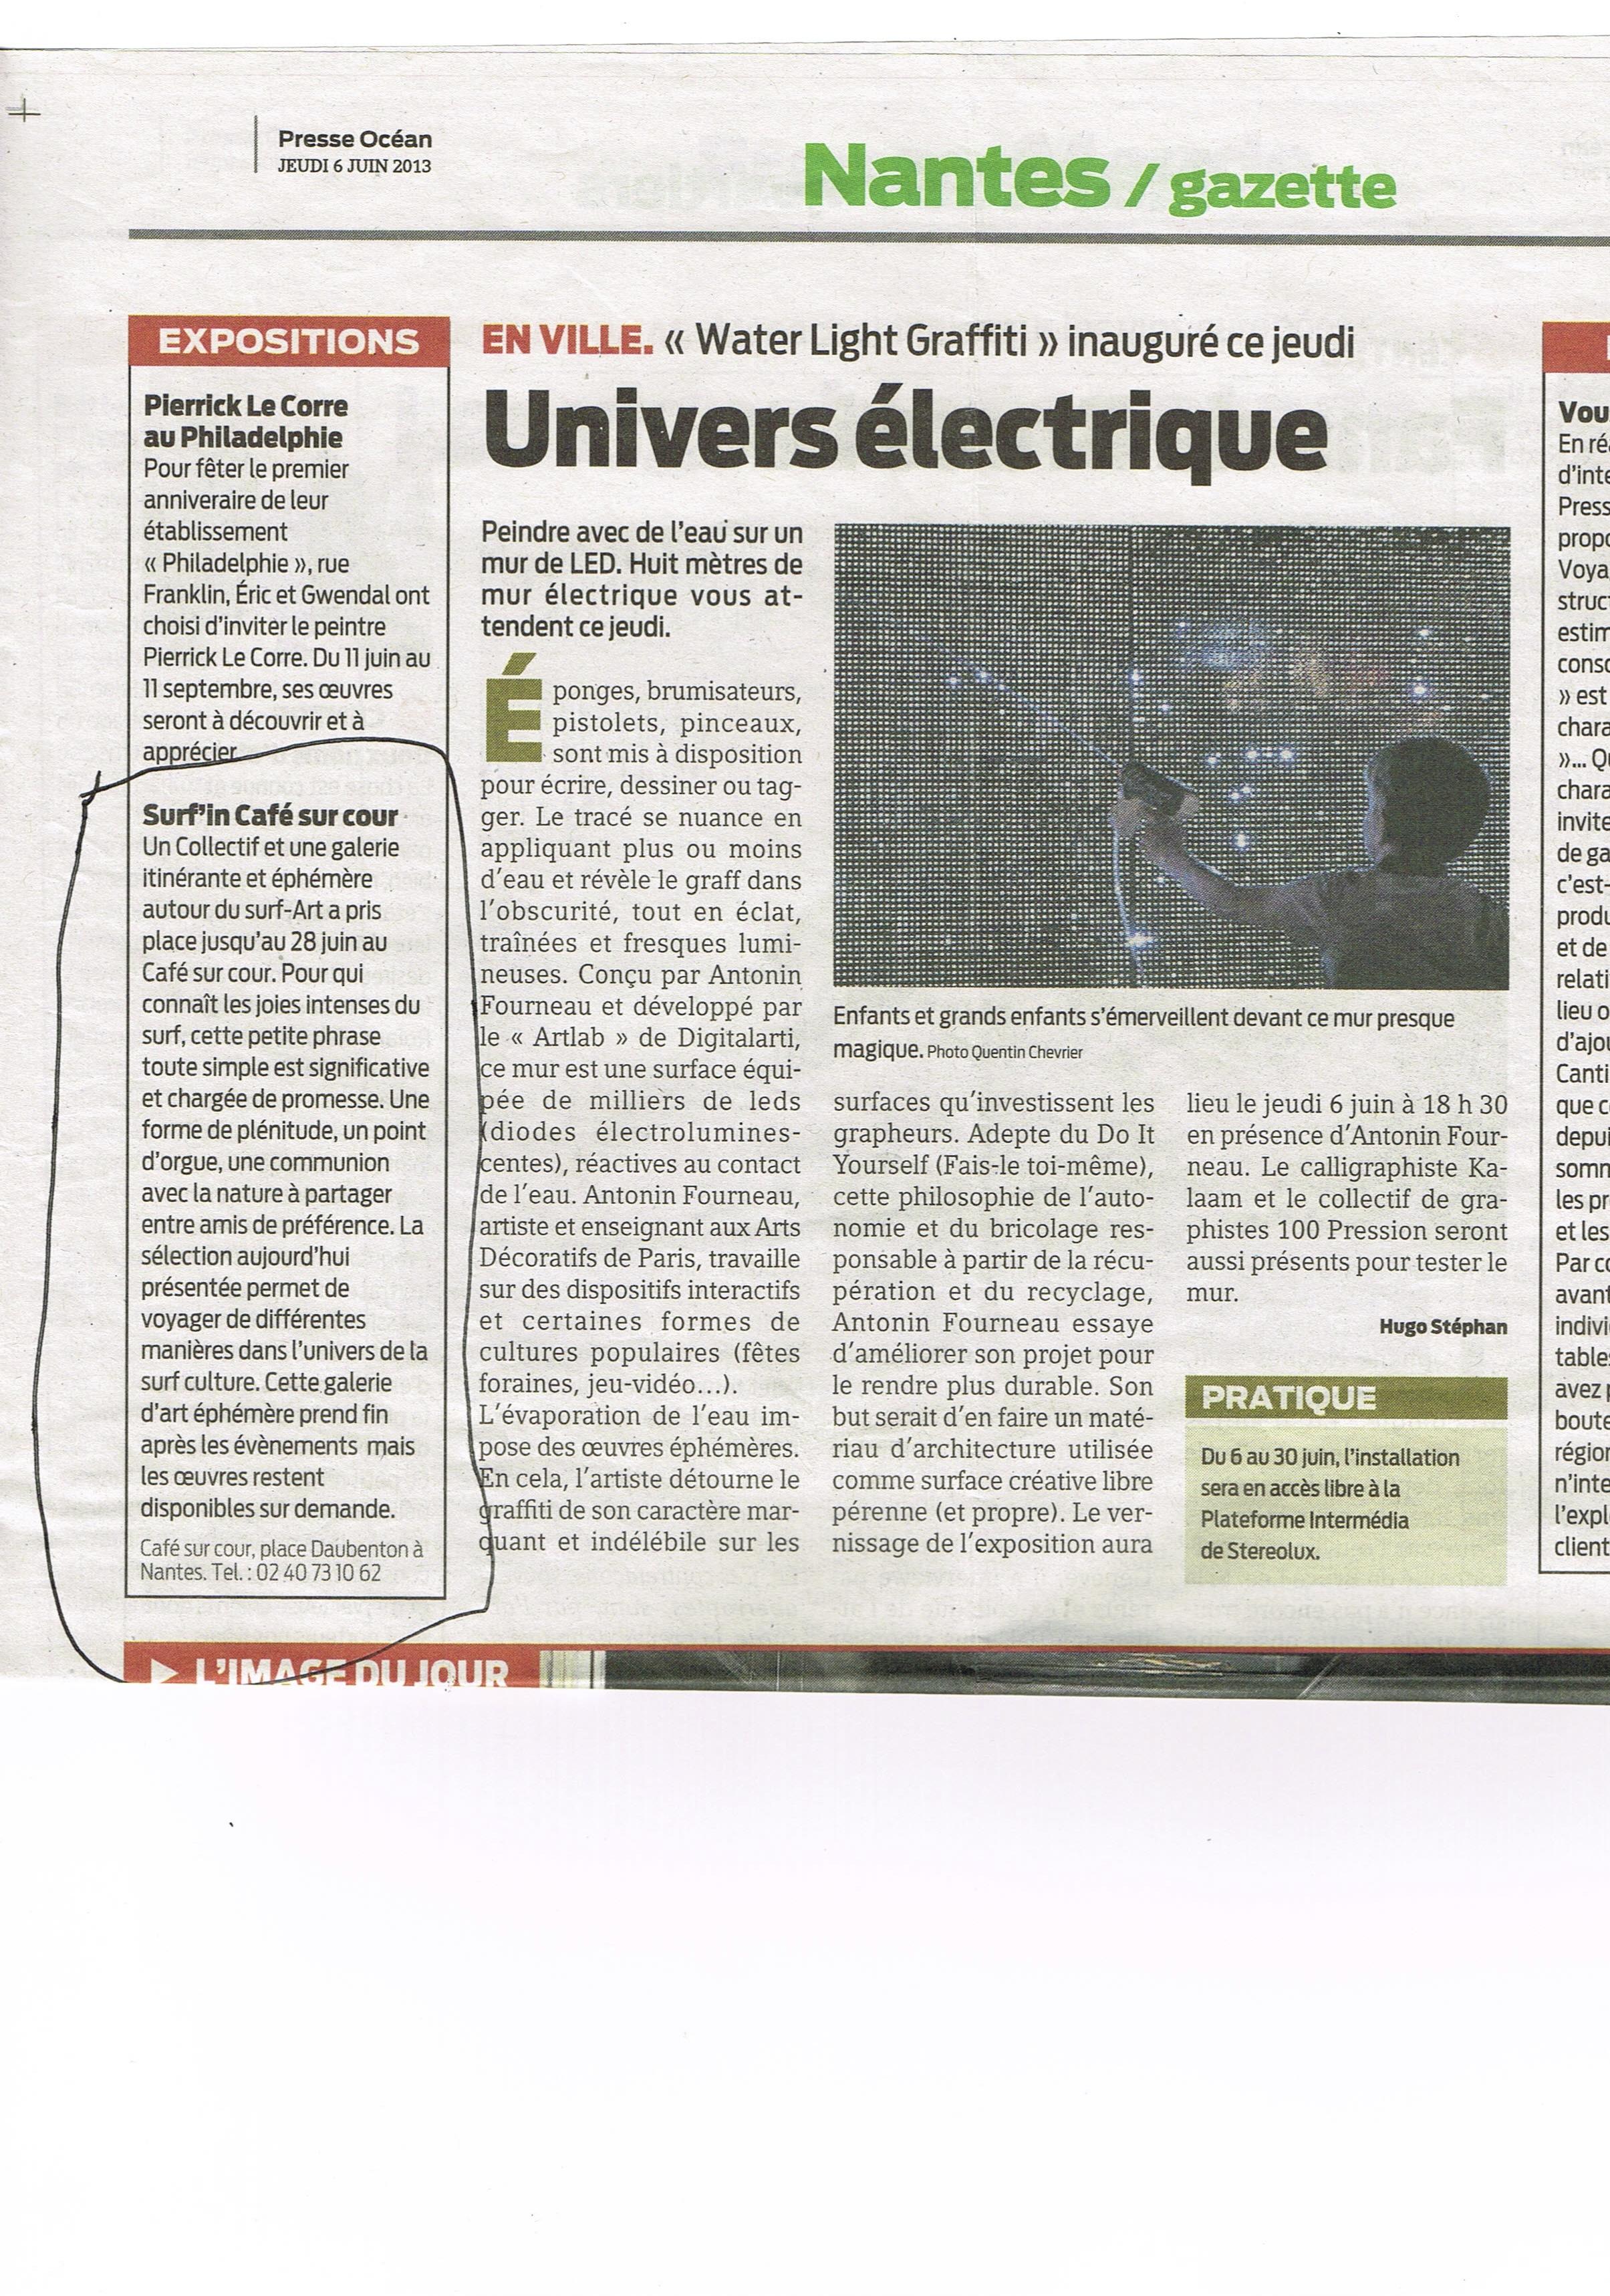 Presse Océan 6 juin 2013